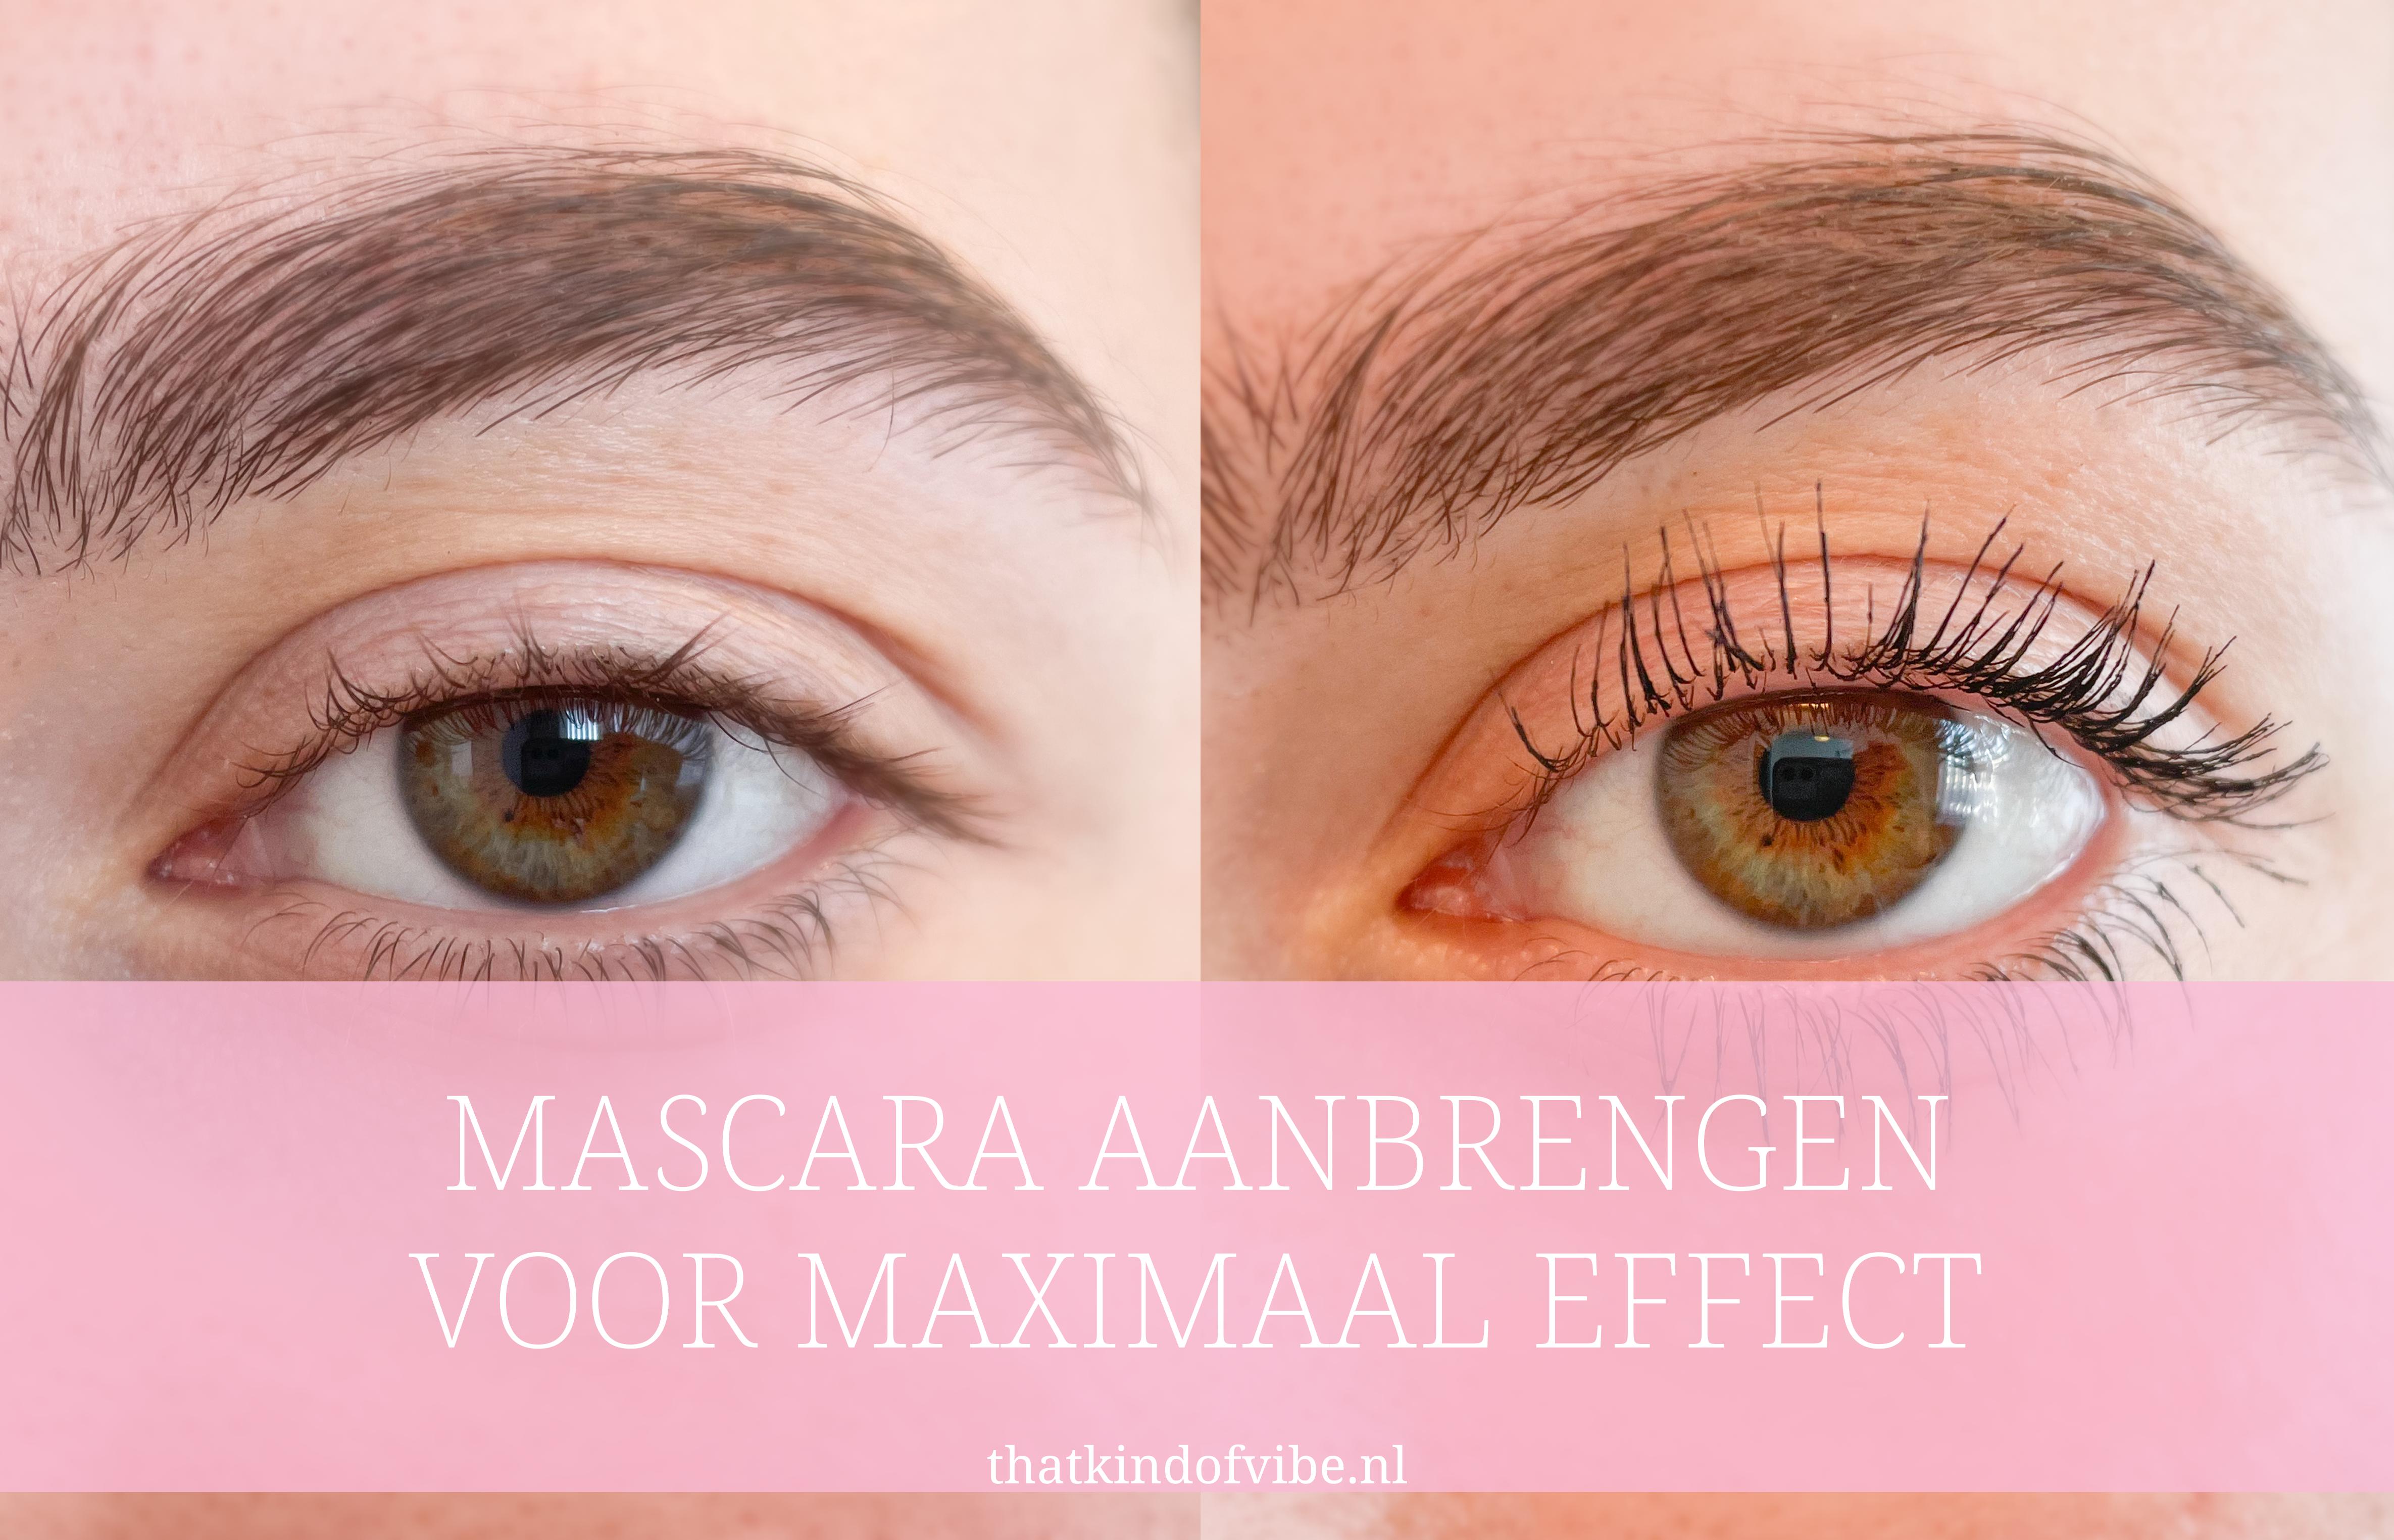 Hoe doe je mascara aanbrengen voor maximaal effect?